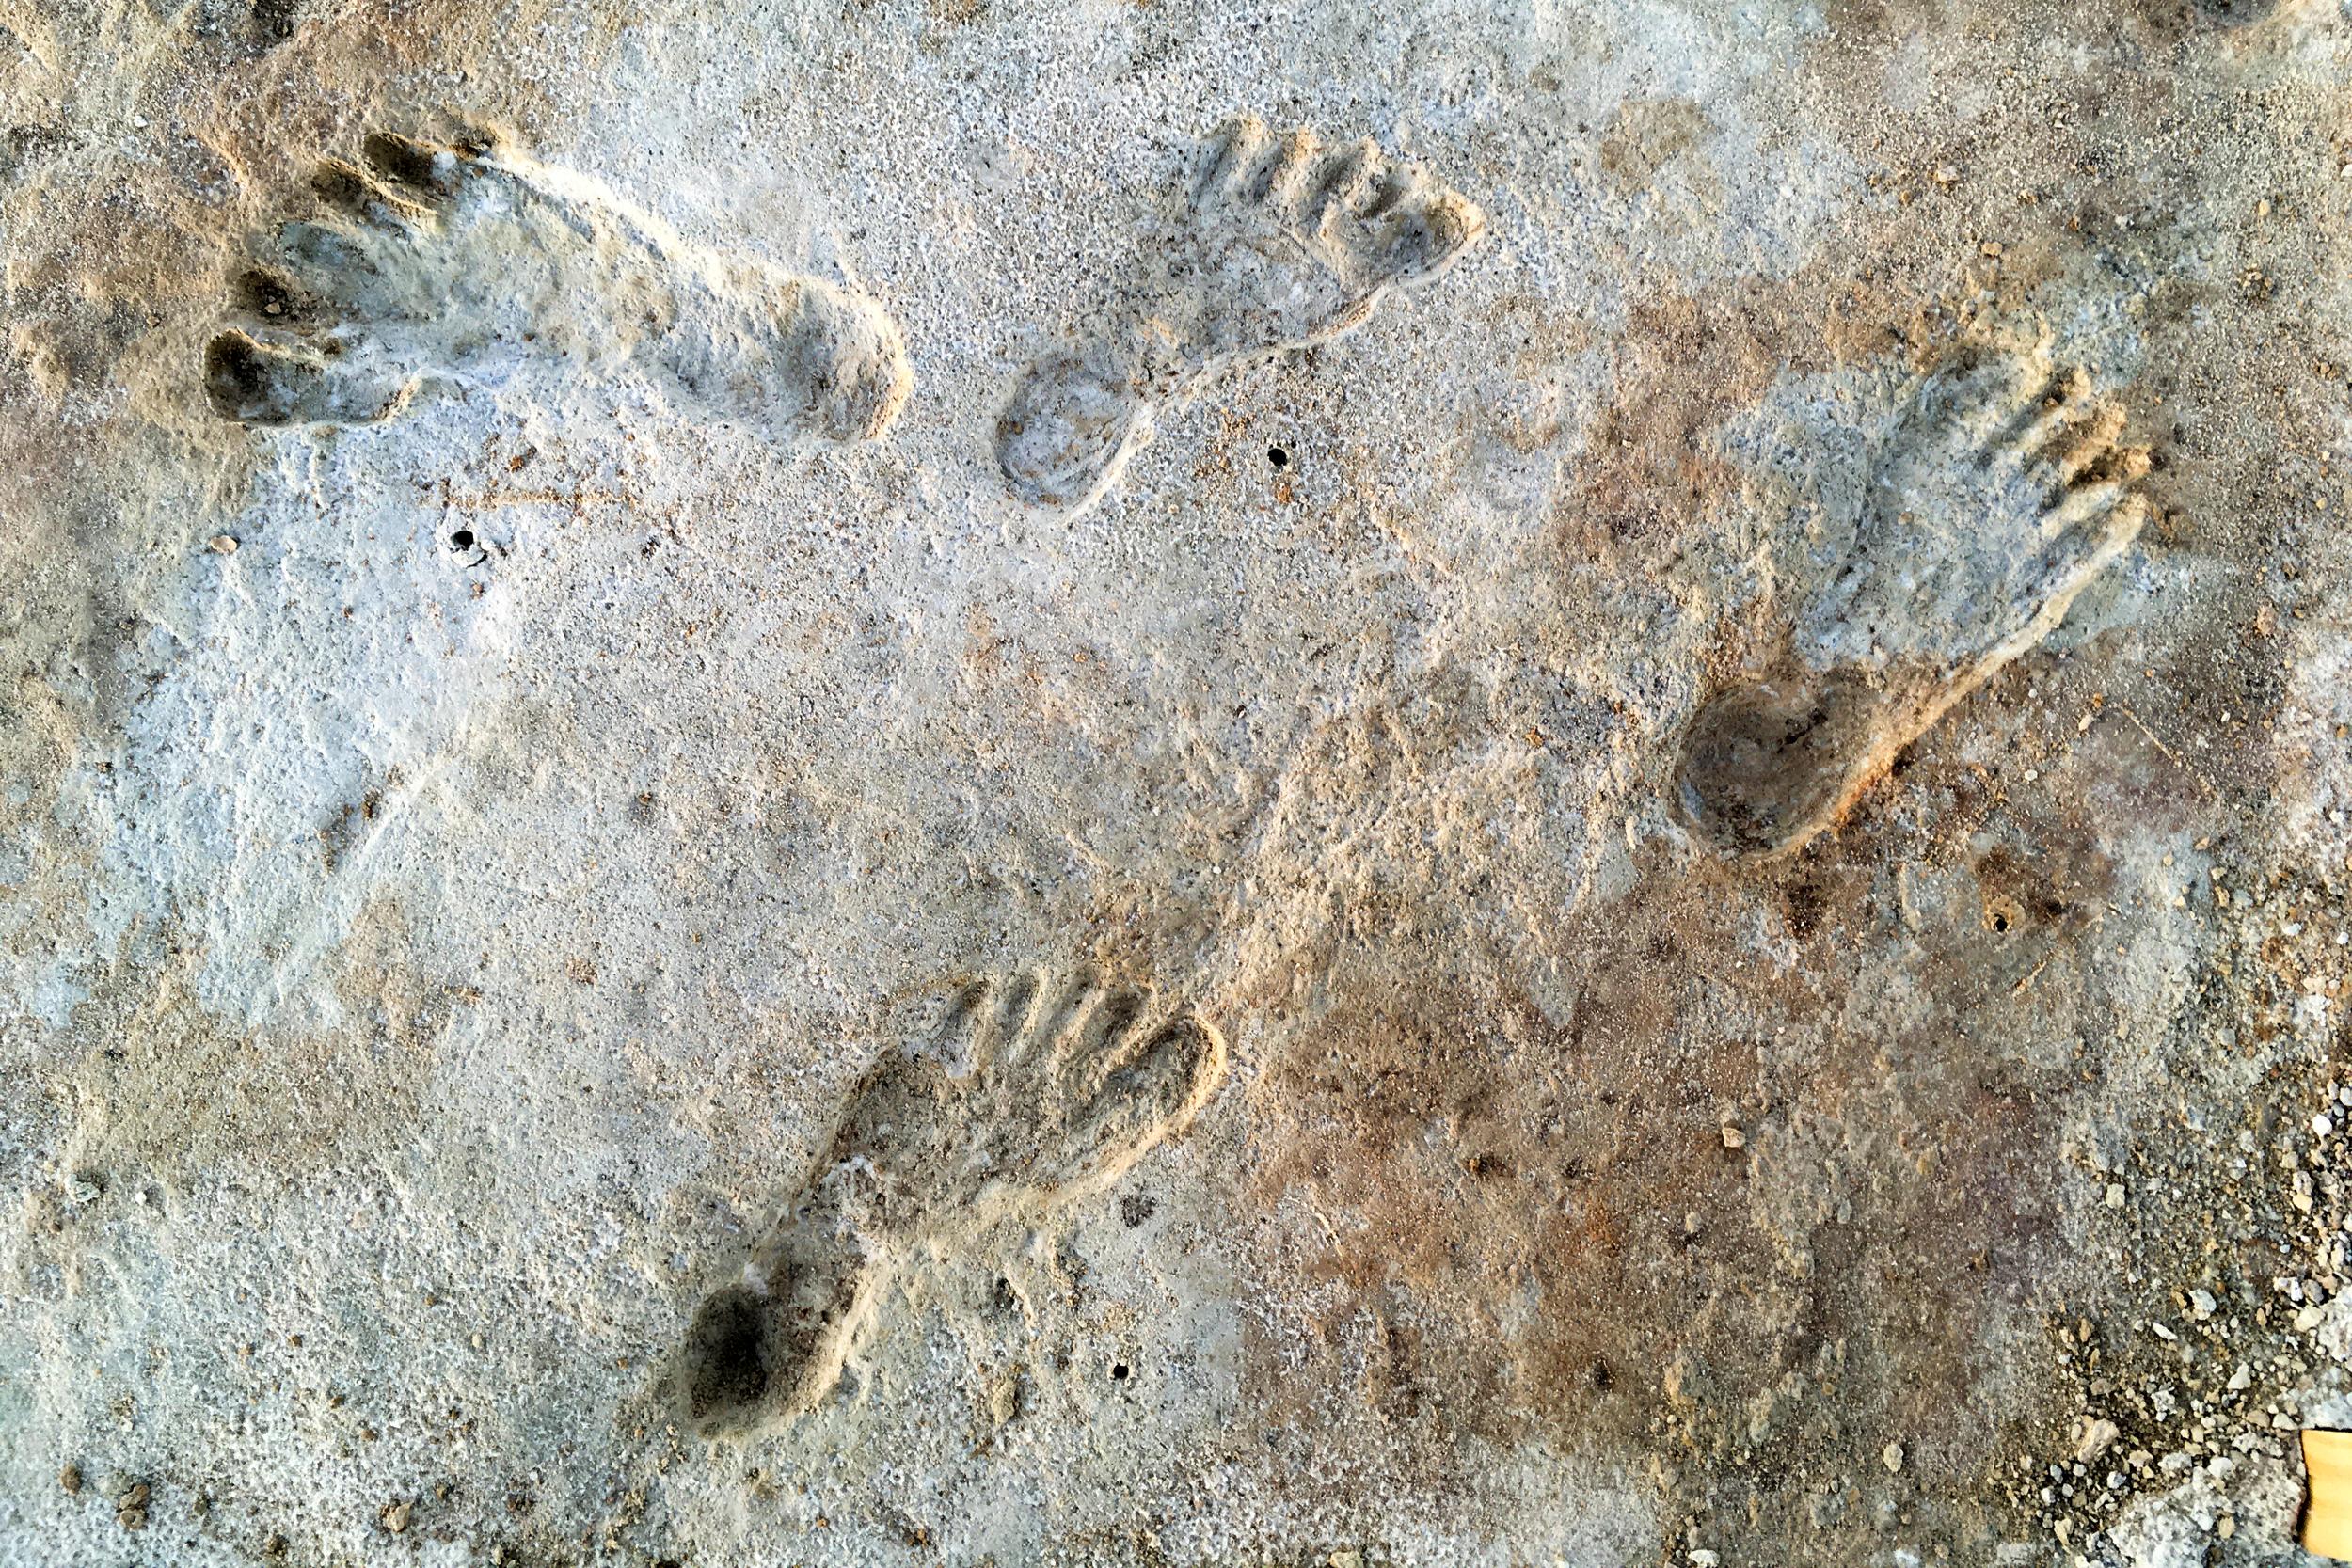 210922-ancient-footprints-jm-1411-fa0dd5.jpg